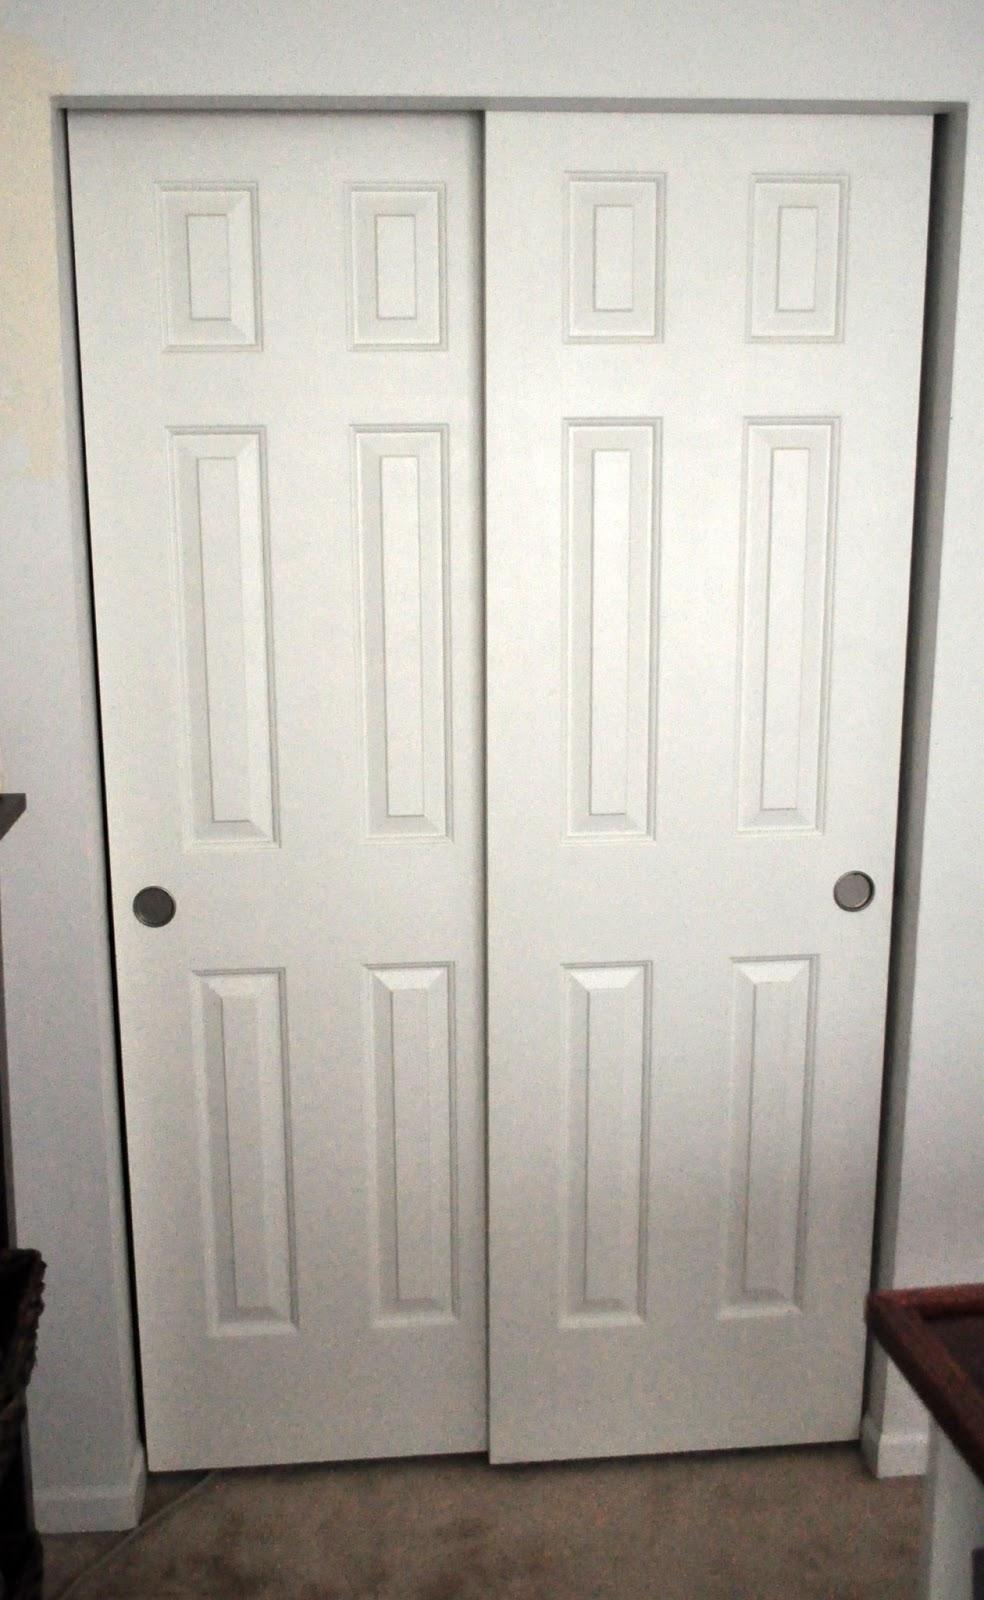 Keep Calm and Decorate: Updating Closet Doors